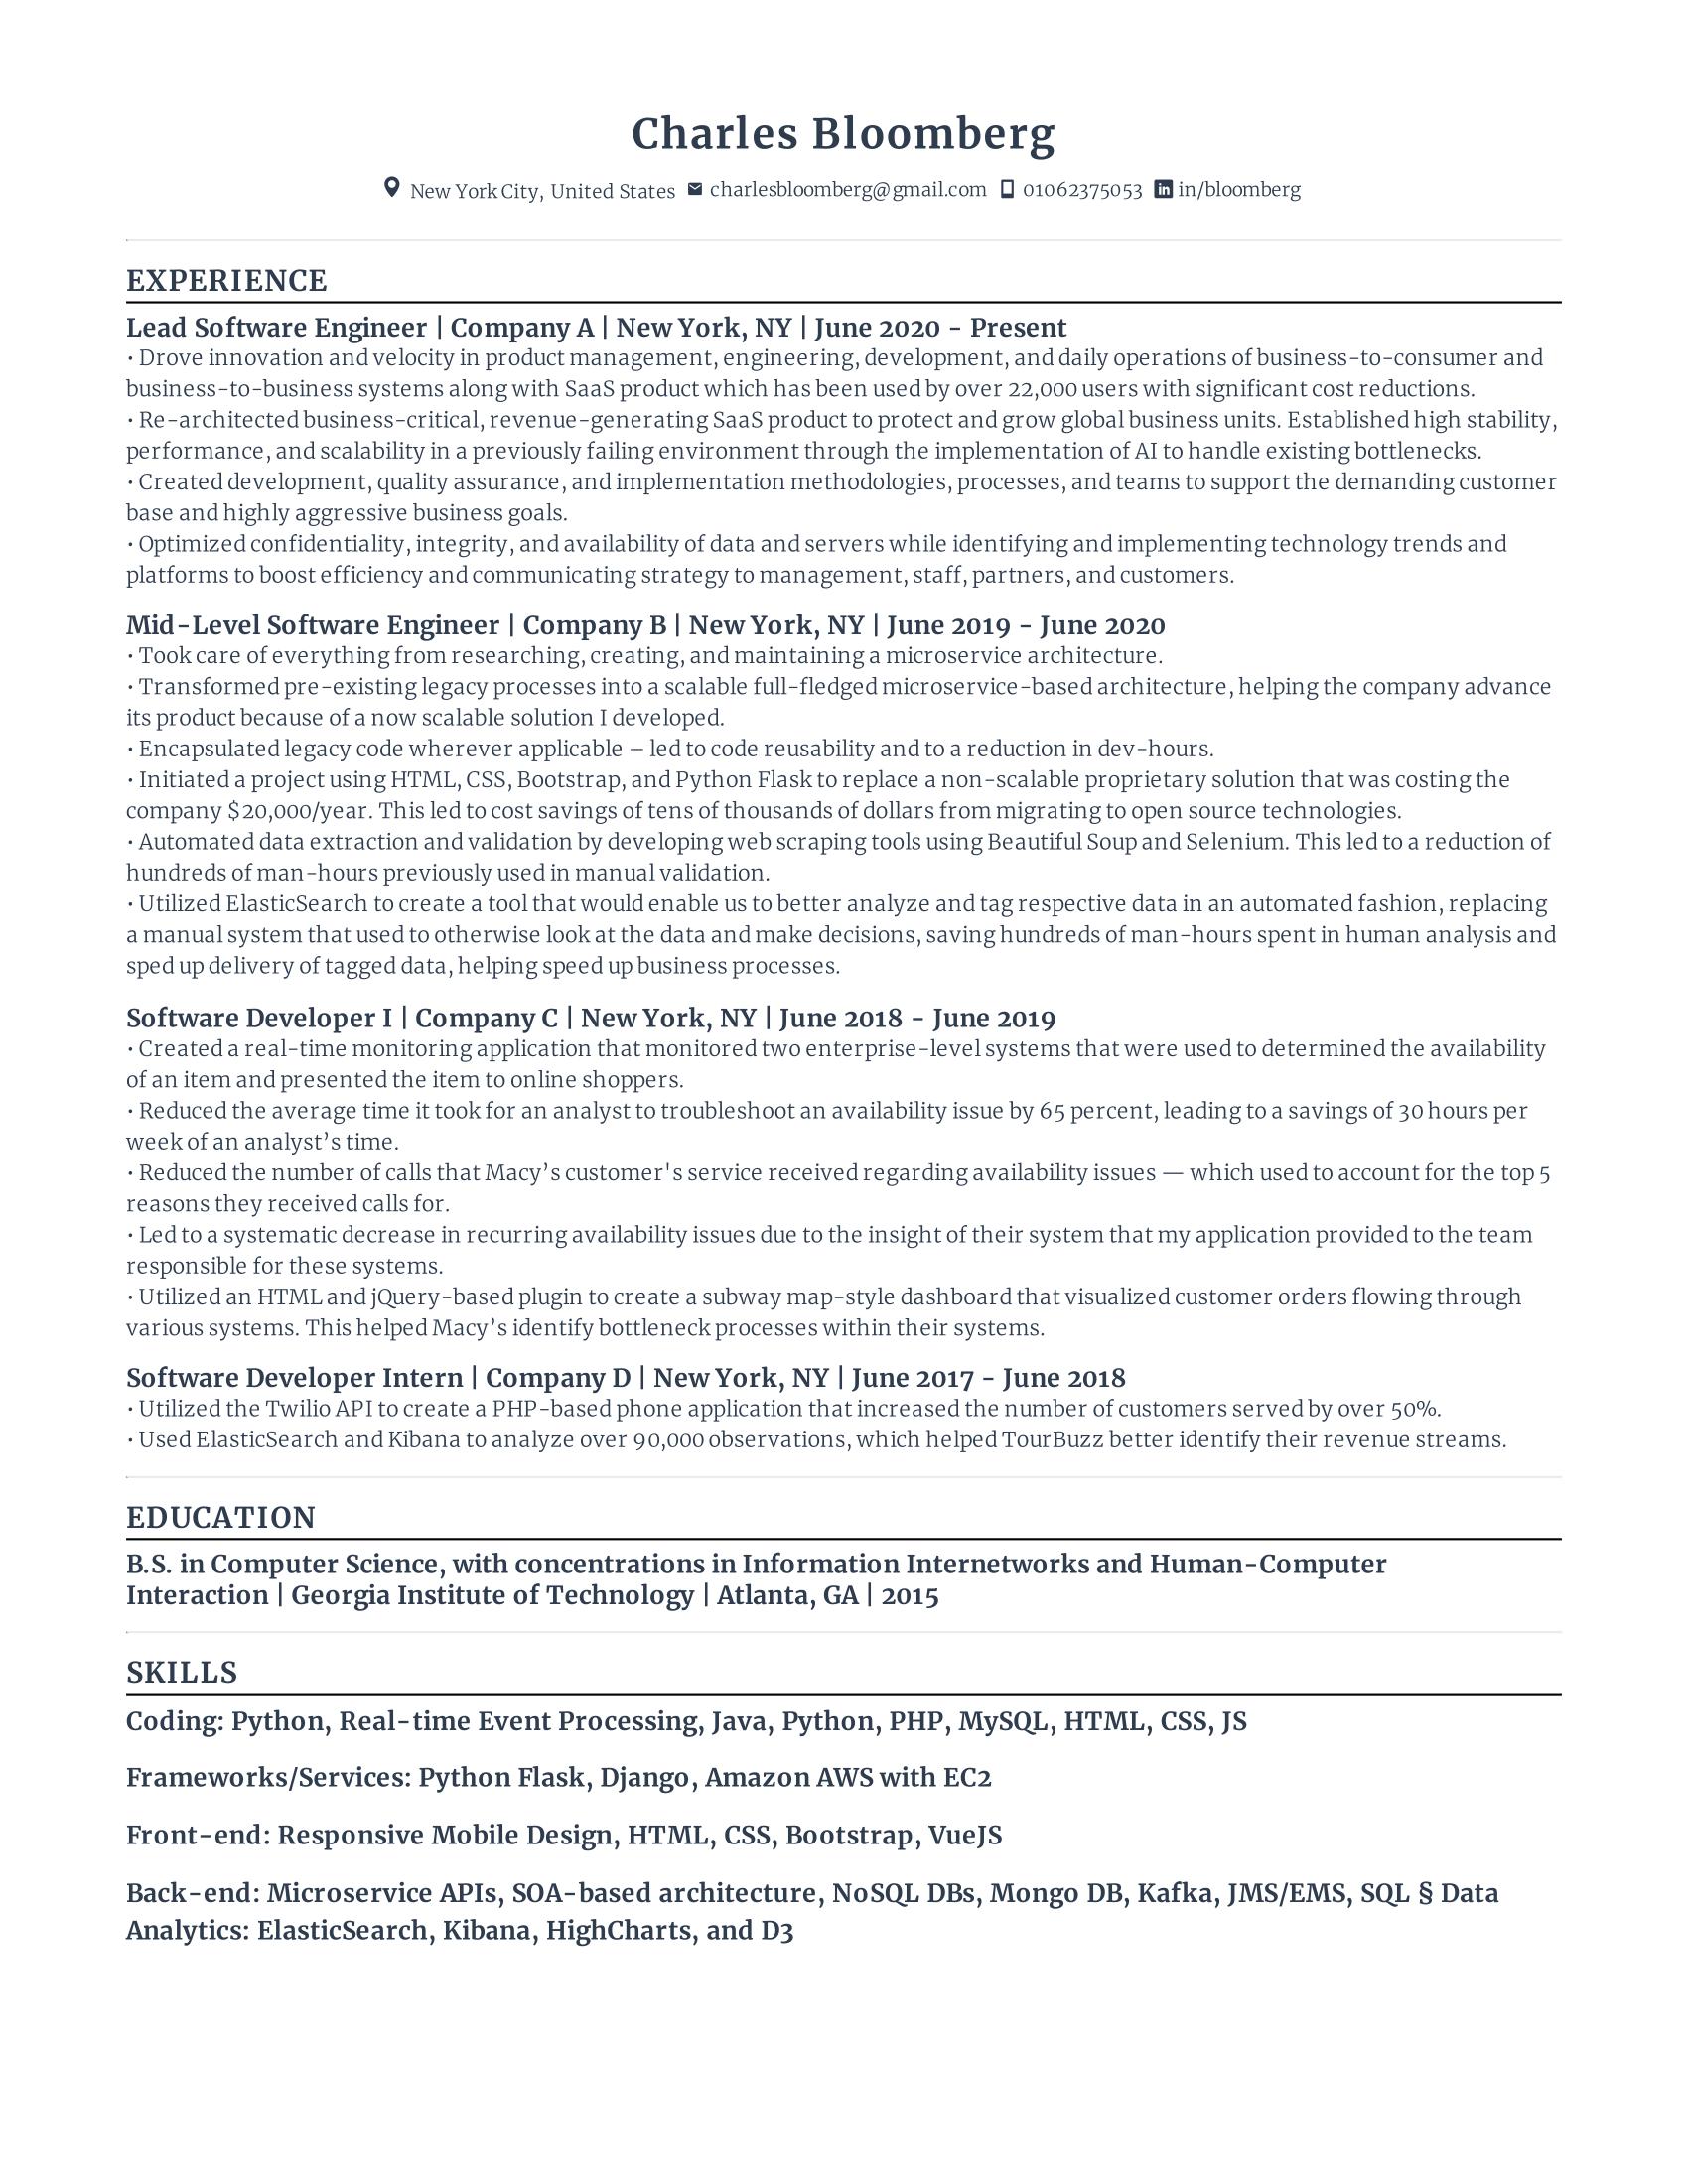 Lead Software Engineer Resume